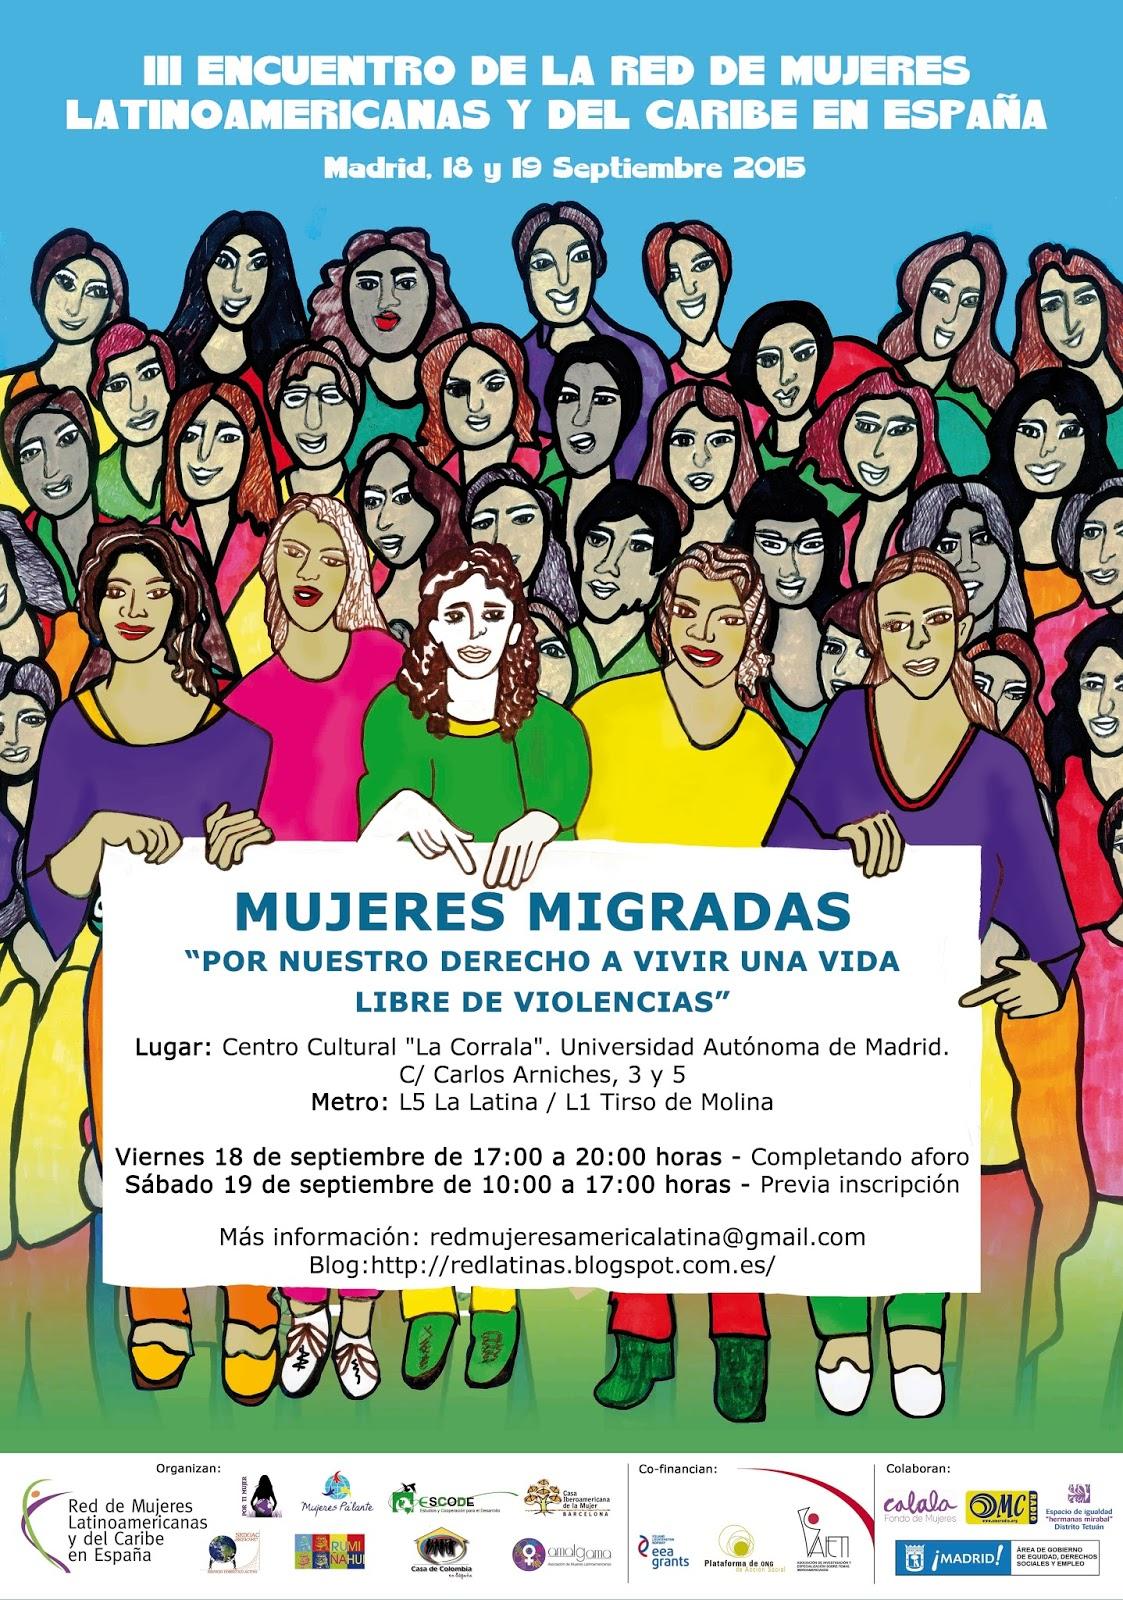 cartel IIIEncuentro